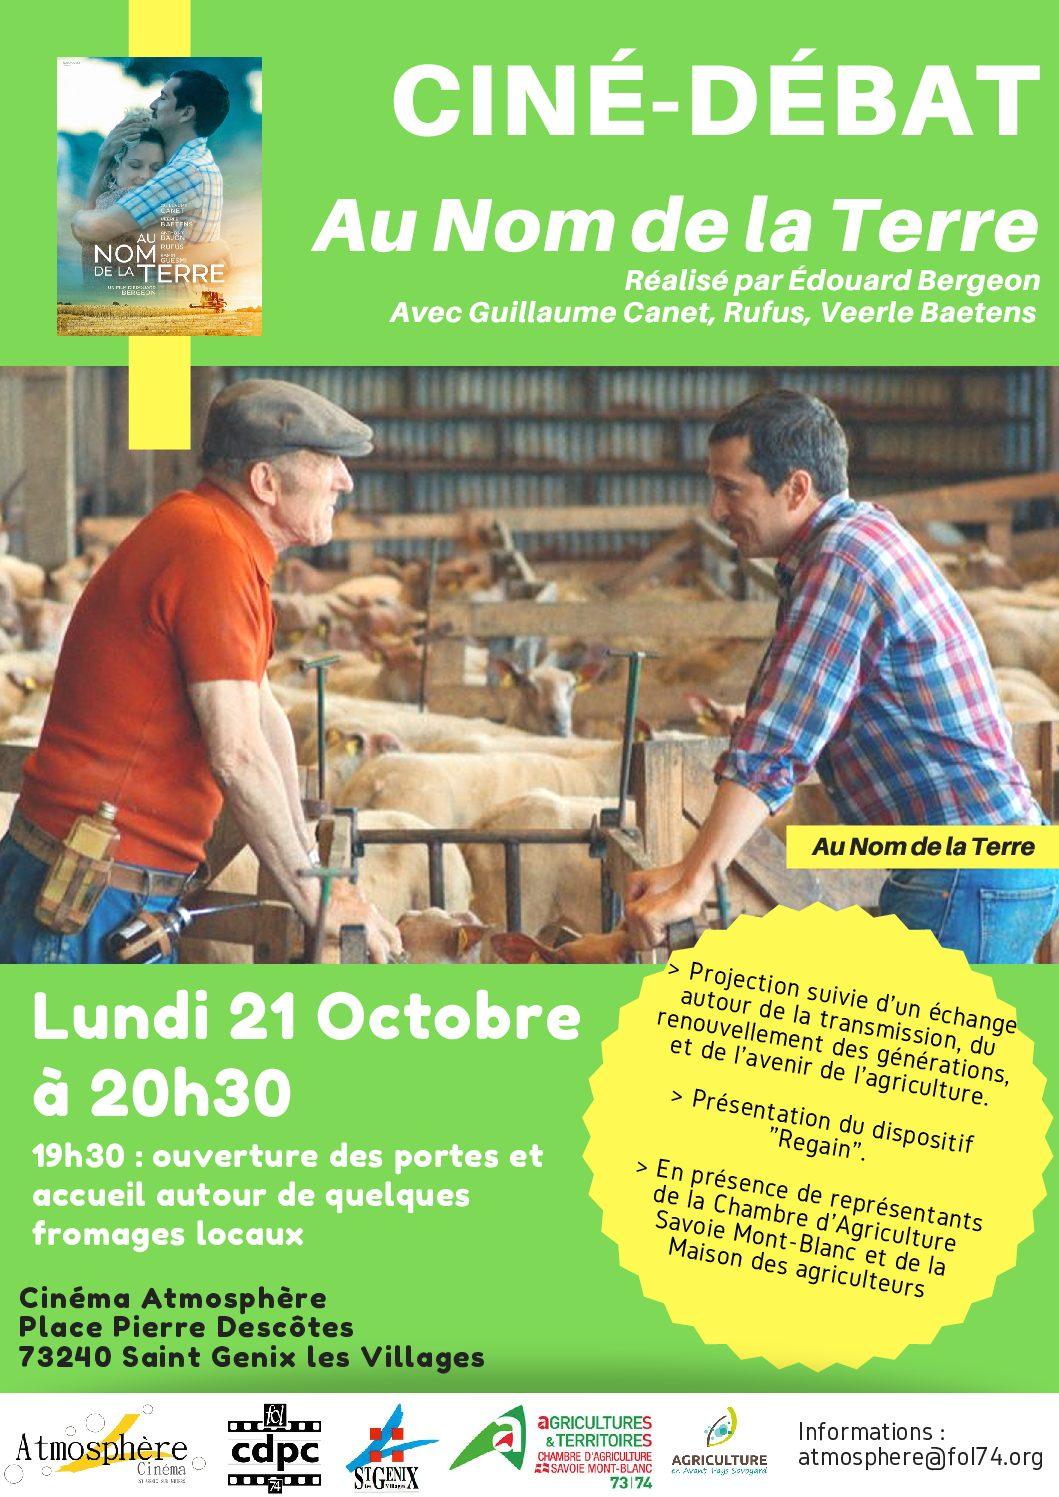 Ciné-débat autour de l'agriculture à Saint Genix les Villages